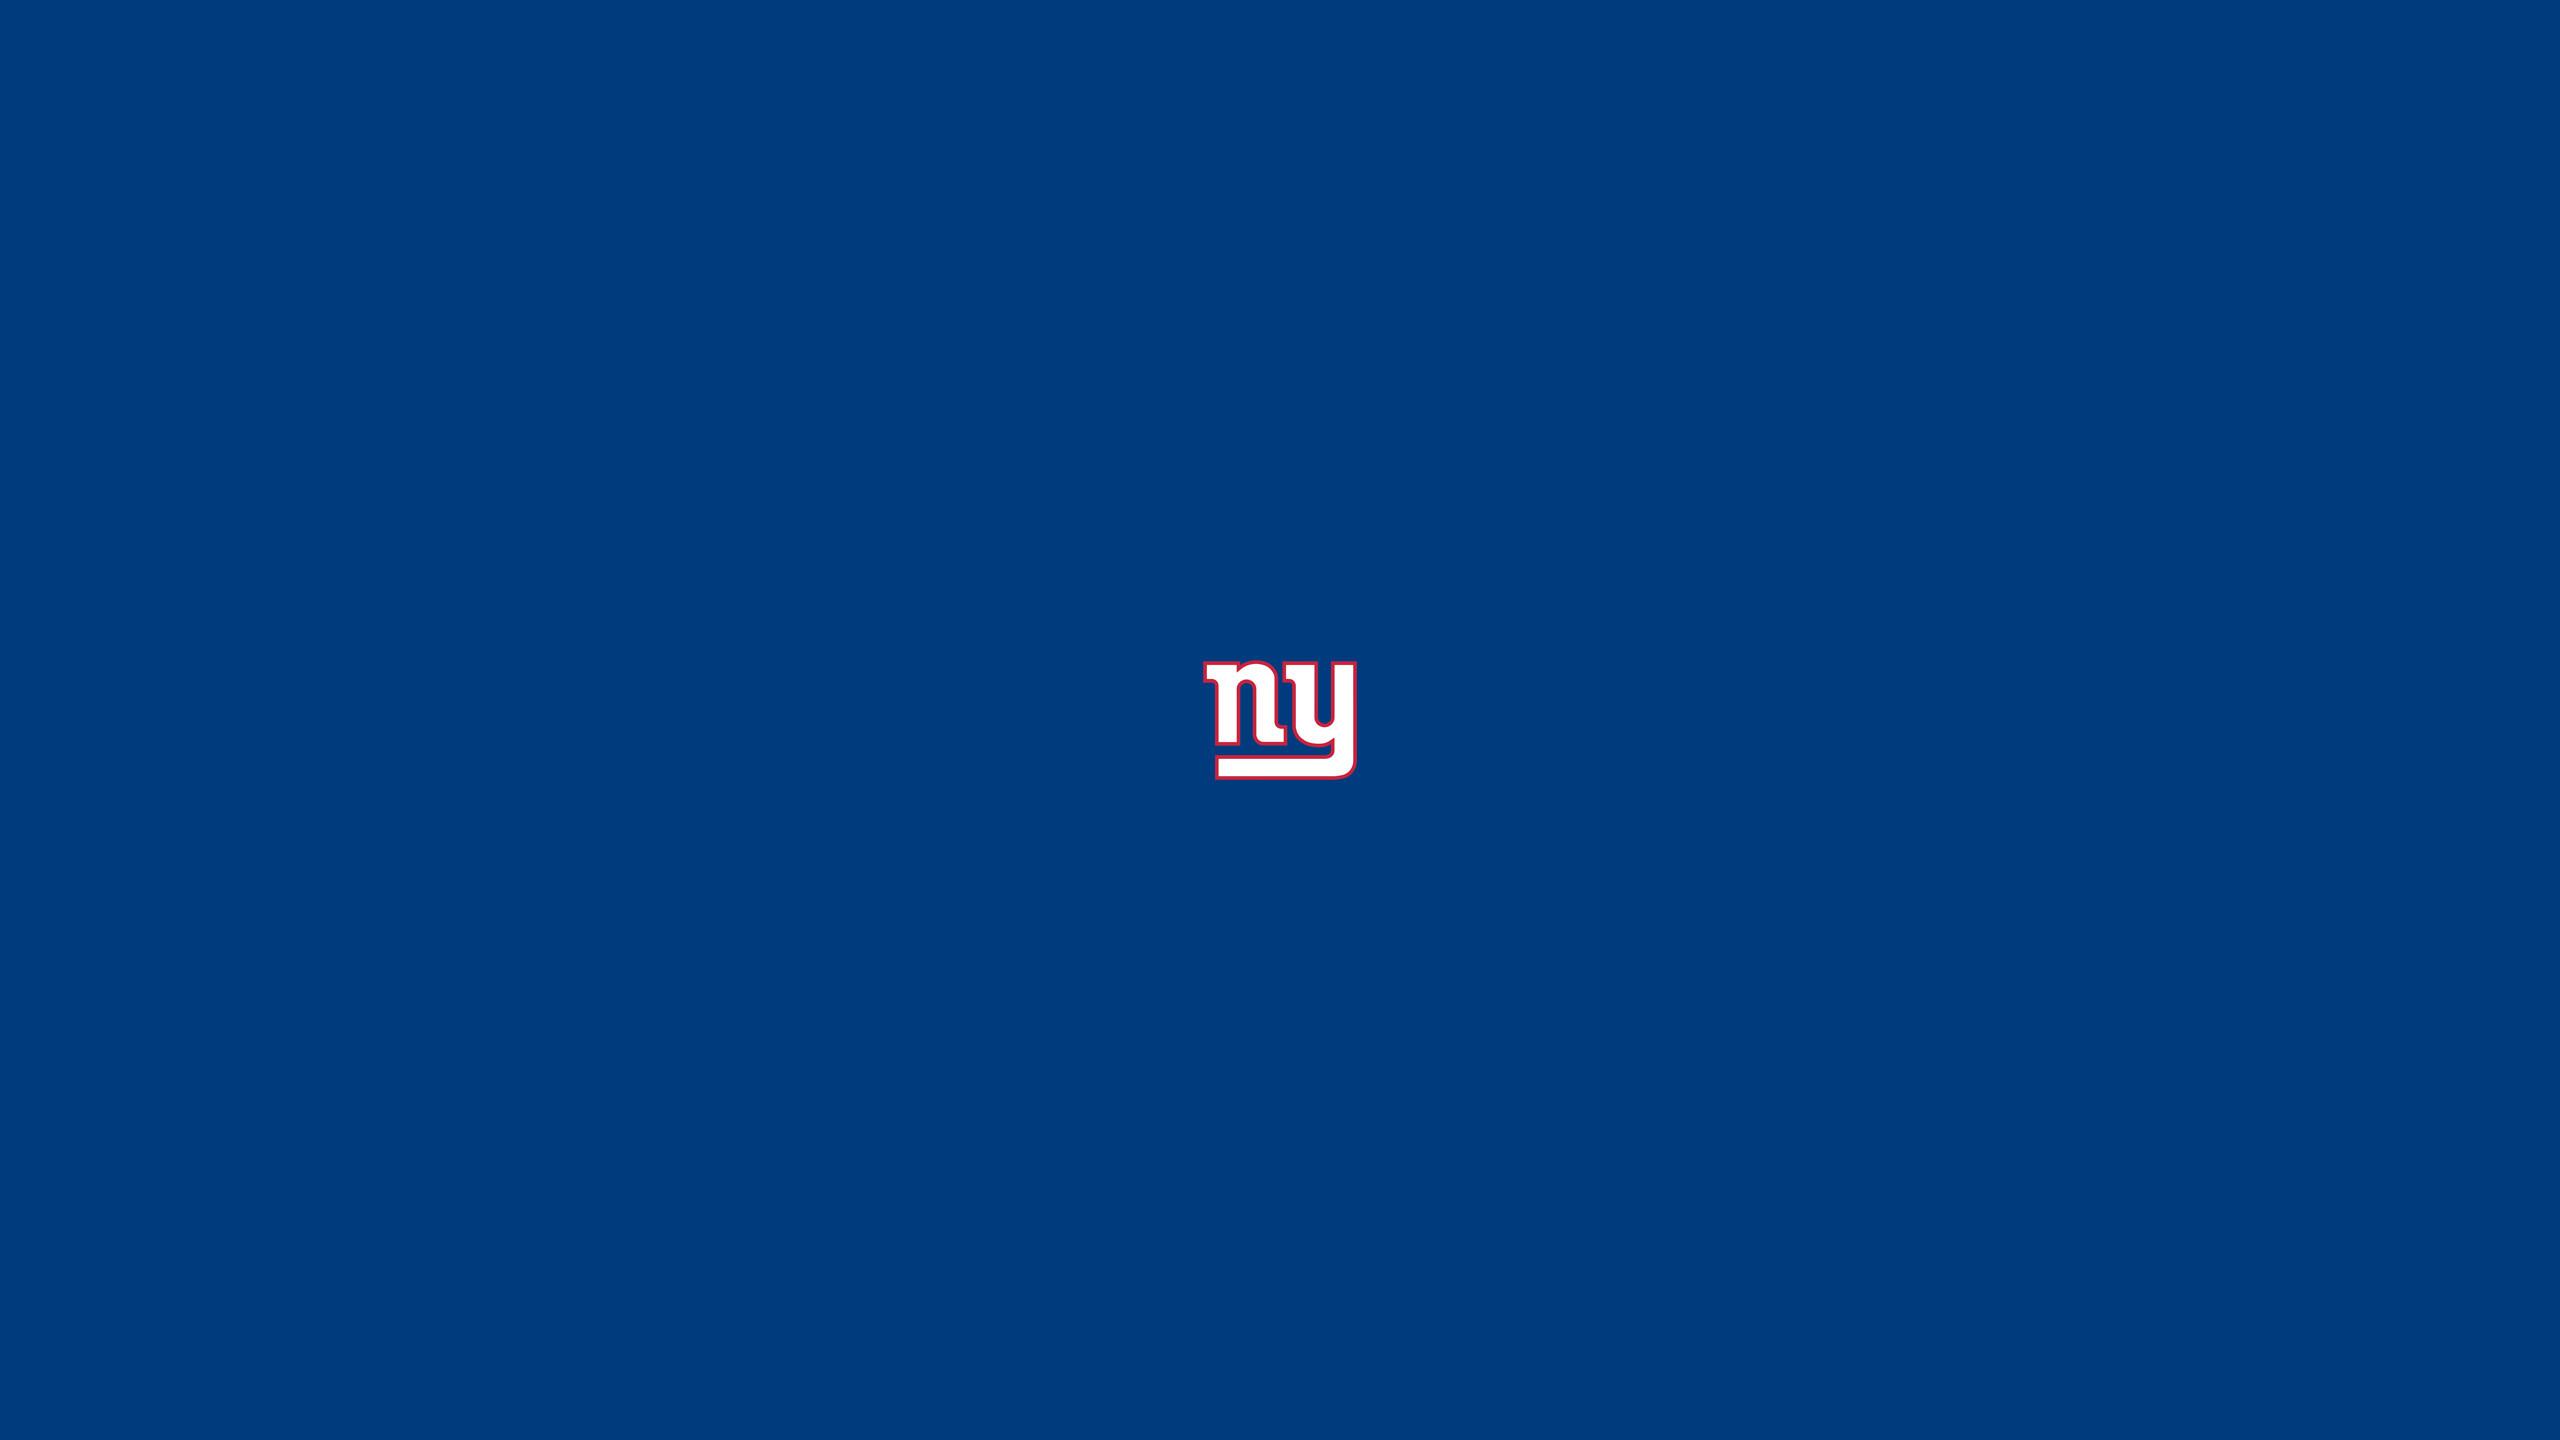 Download the Giants Schedule Wallpaper 2560×1440